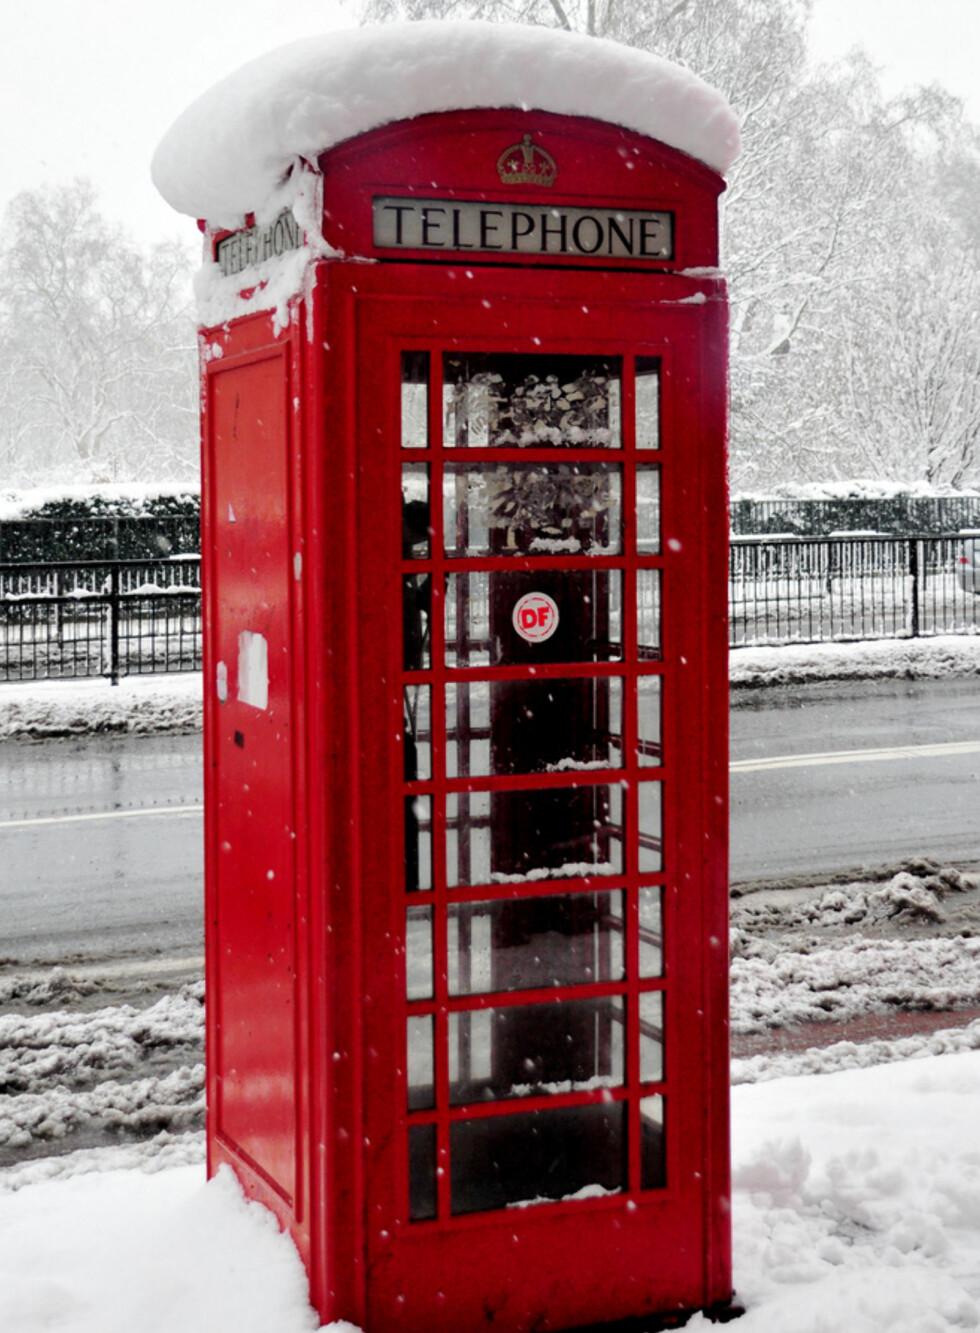 """Snø skaper store konstraster, og sterke farger som rødt fremstår enda tydeligere enn for andre årstider. (Foto: <a href=""""http://www.flickr.com/photos/vegaseddie/3248731742/"""">Red London Telephone Box</a> av <a href=""""http://www.flickr.com/people/vegaseddie/"""">Paolo Camera</a>, <a href=""""http://creativecommons.org/licenses/by/2.0/deed.en"""">Creative Commons)</a>"""